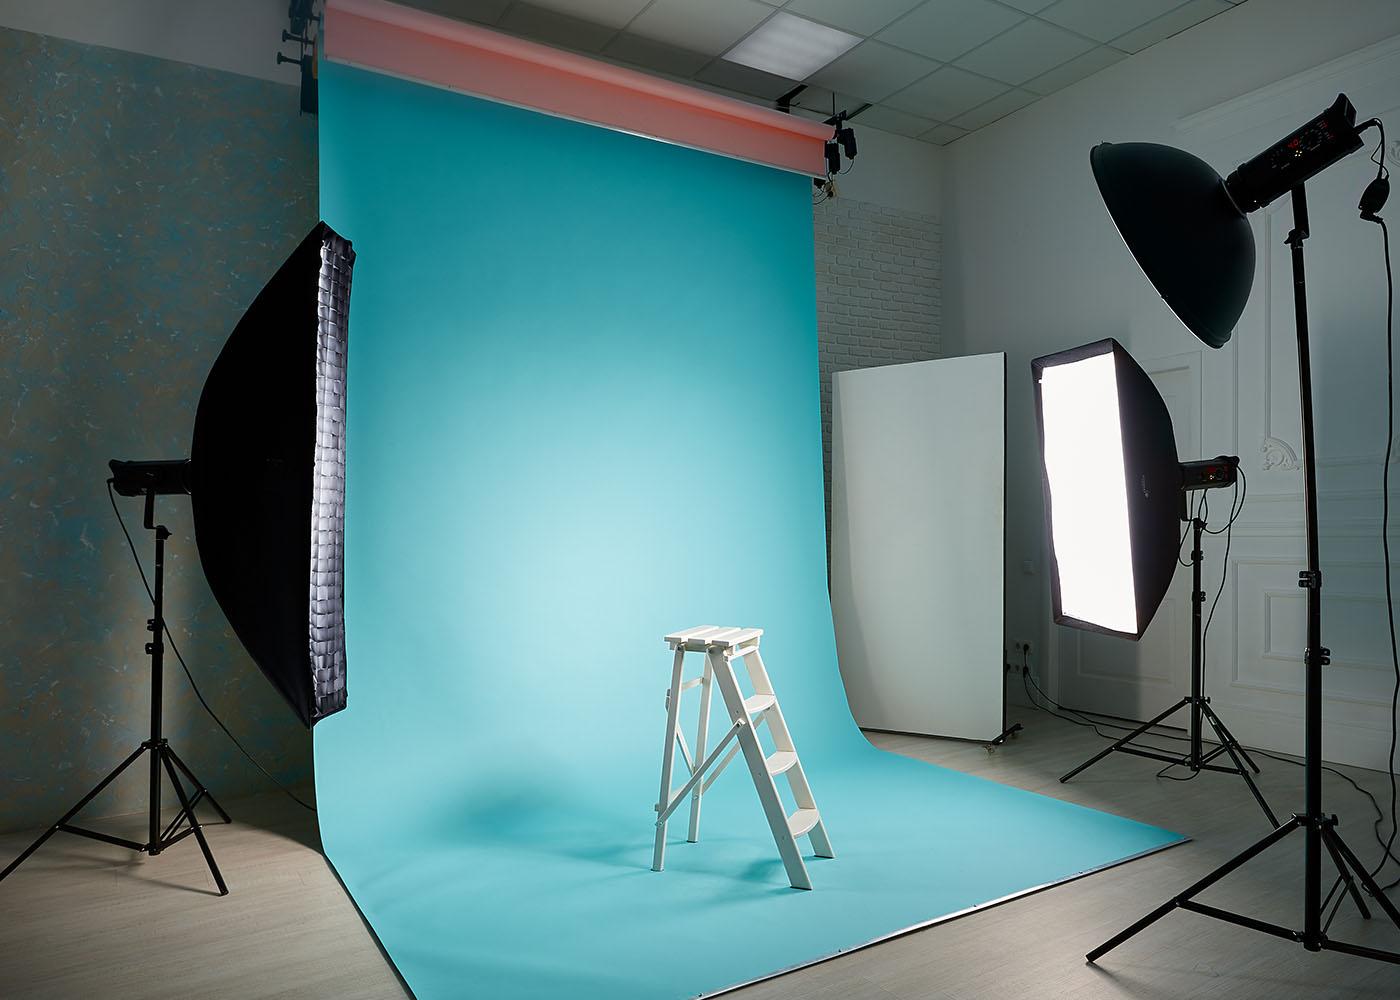 для вас фотографирование услуги фотостудии самый лучший свете